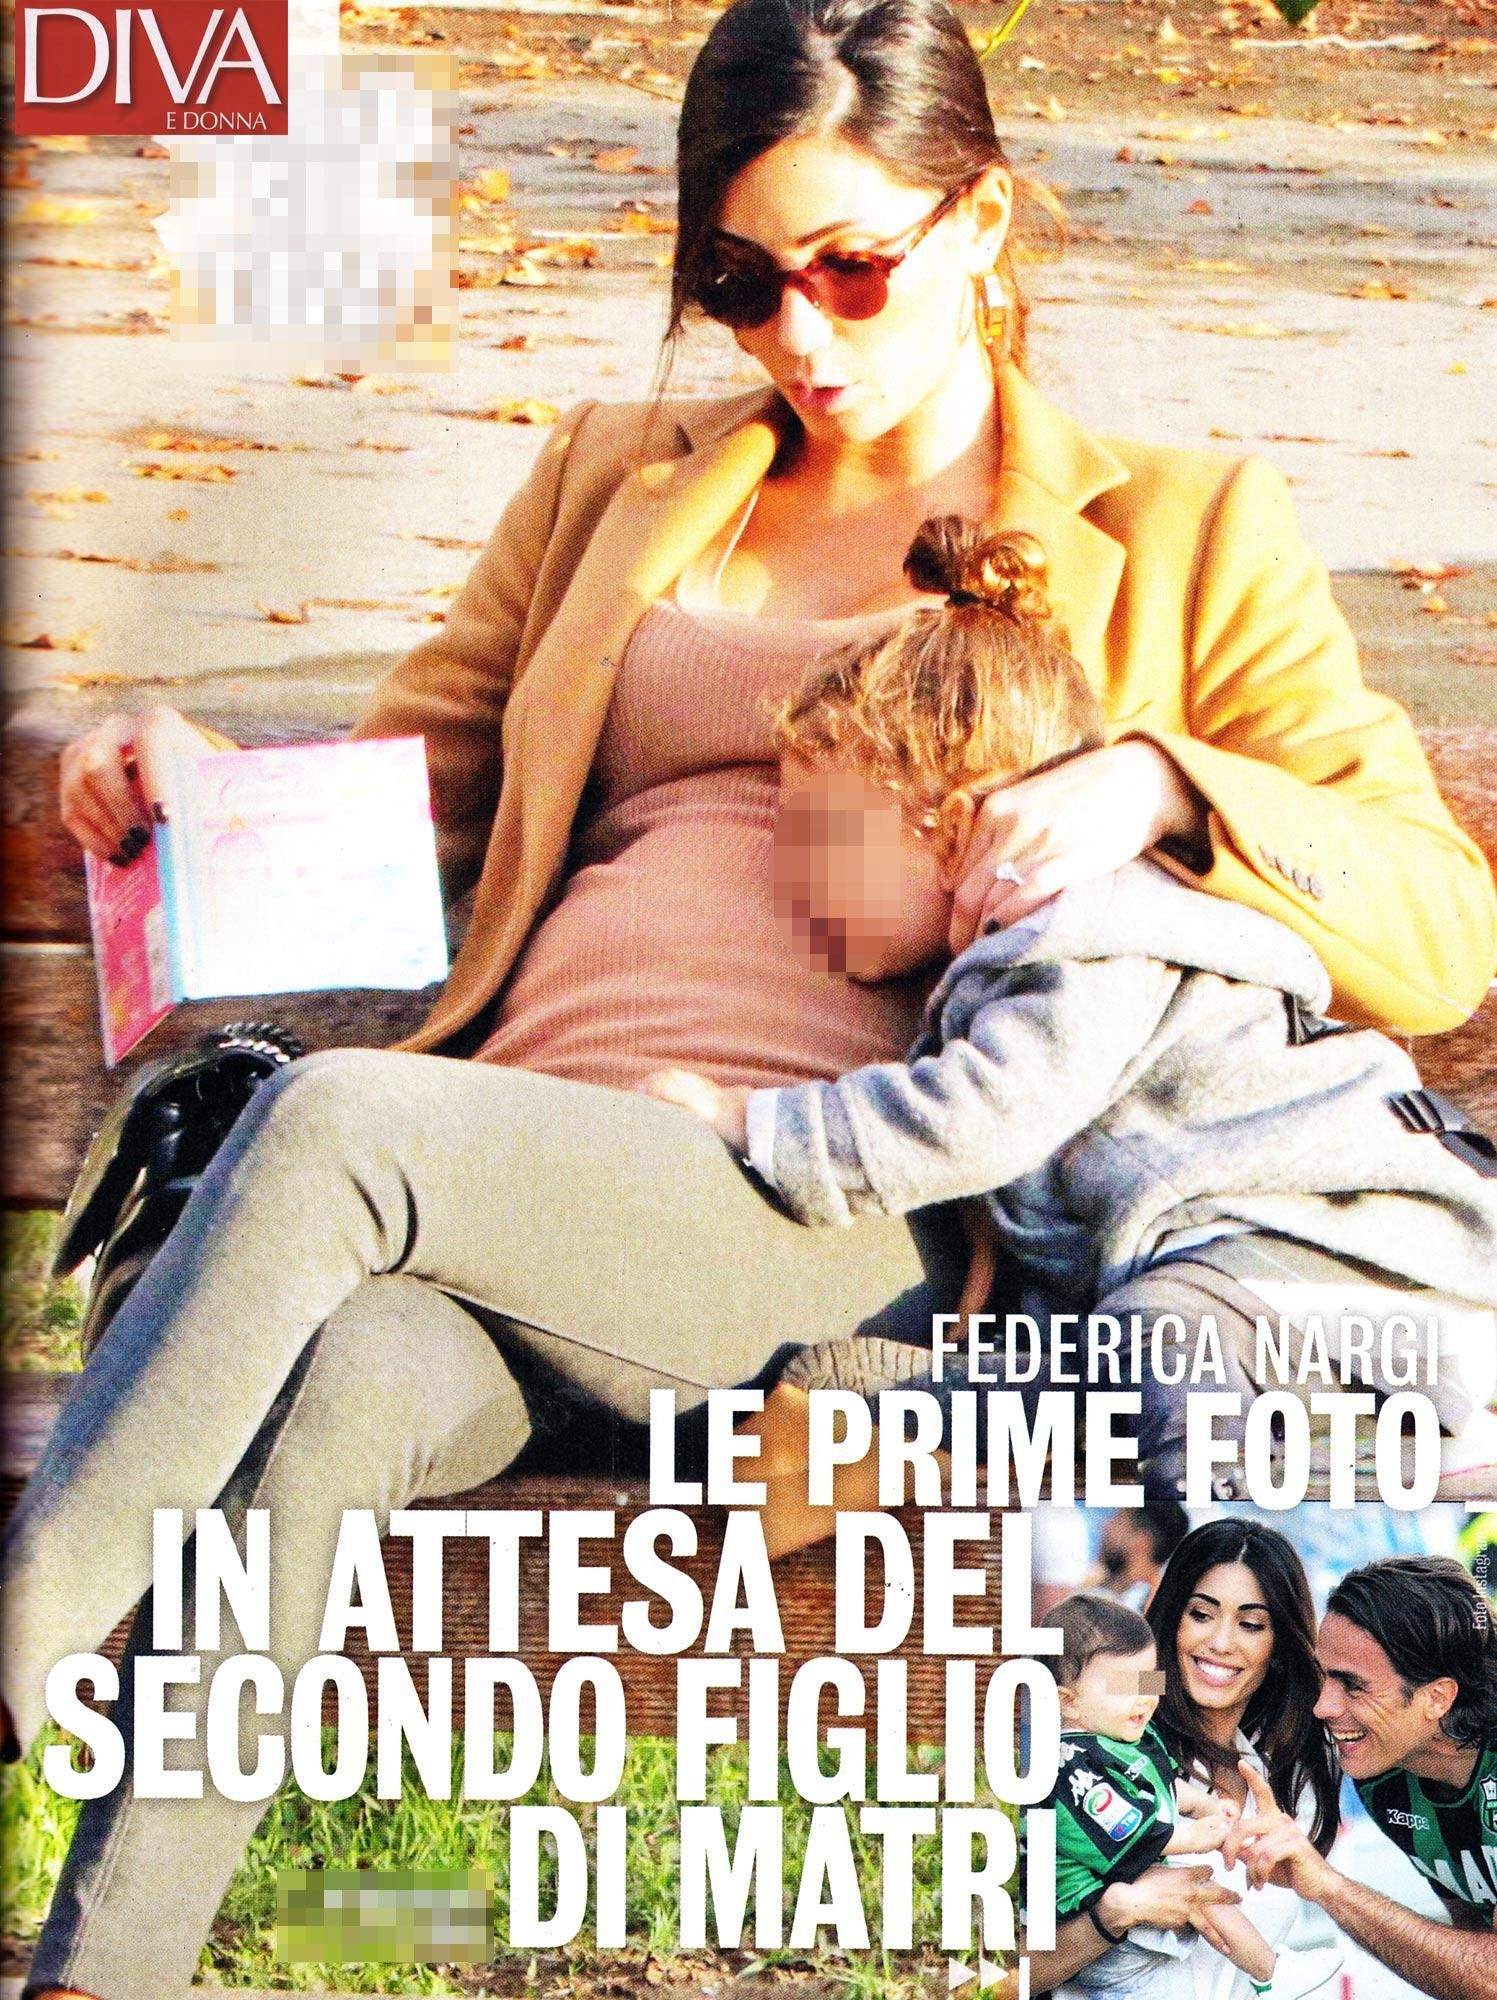 Federica Nargi incinta : le prime foto col pancino al parco con la figlia